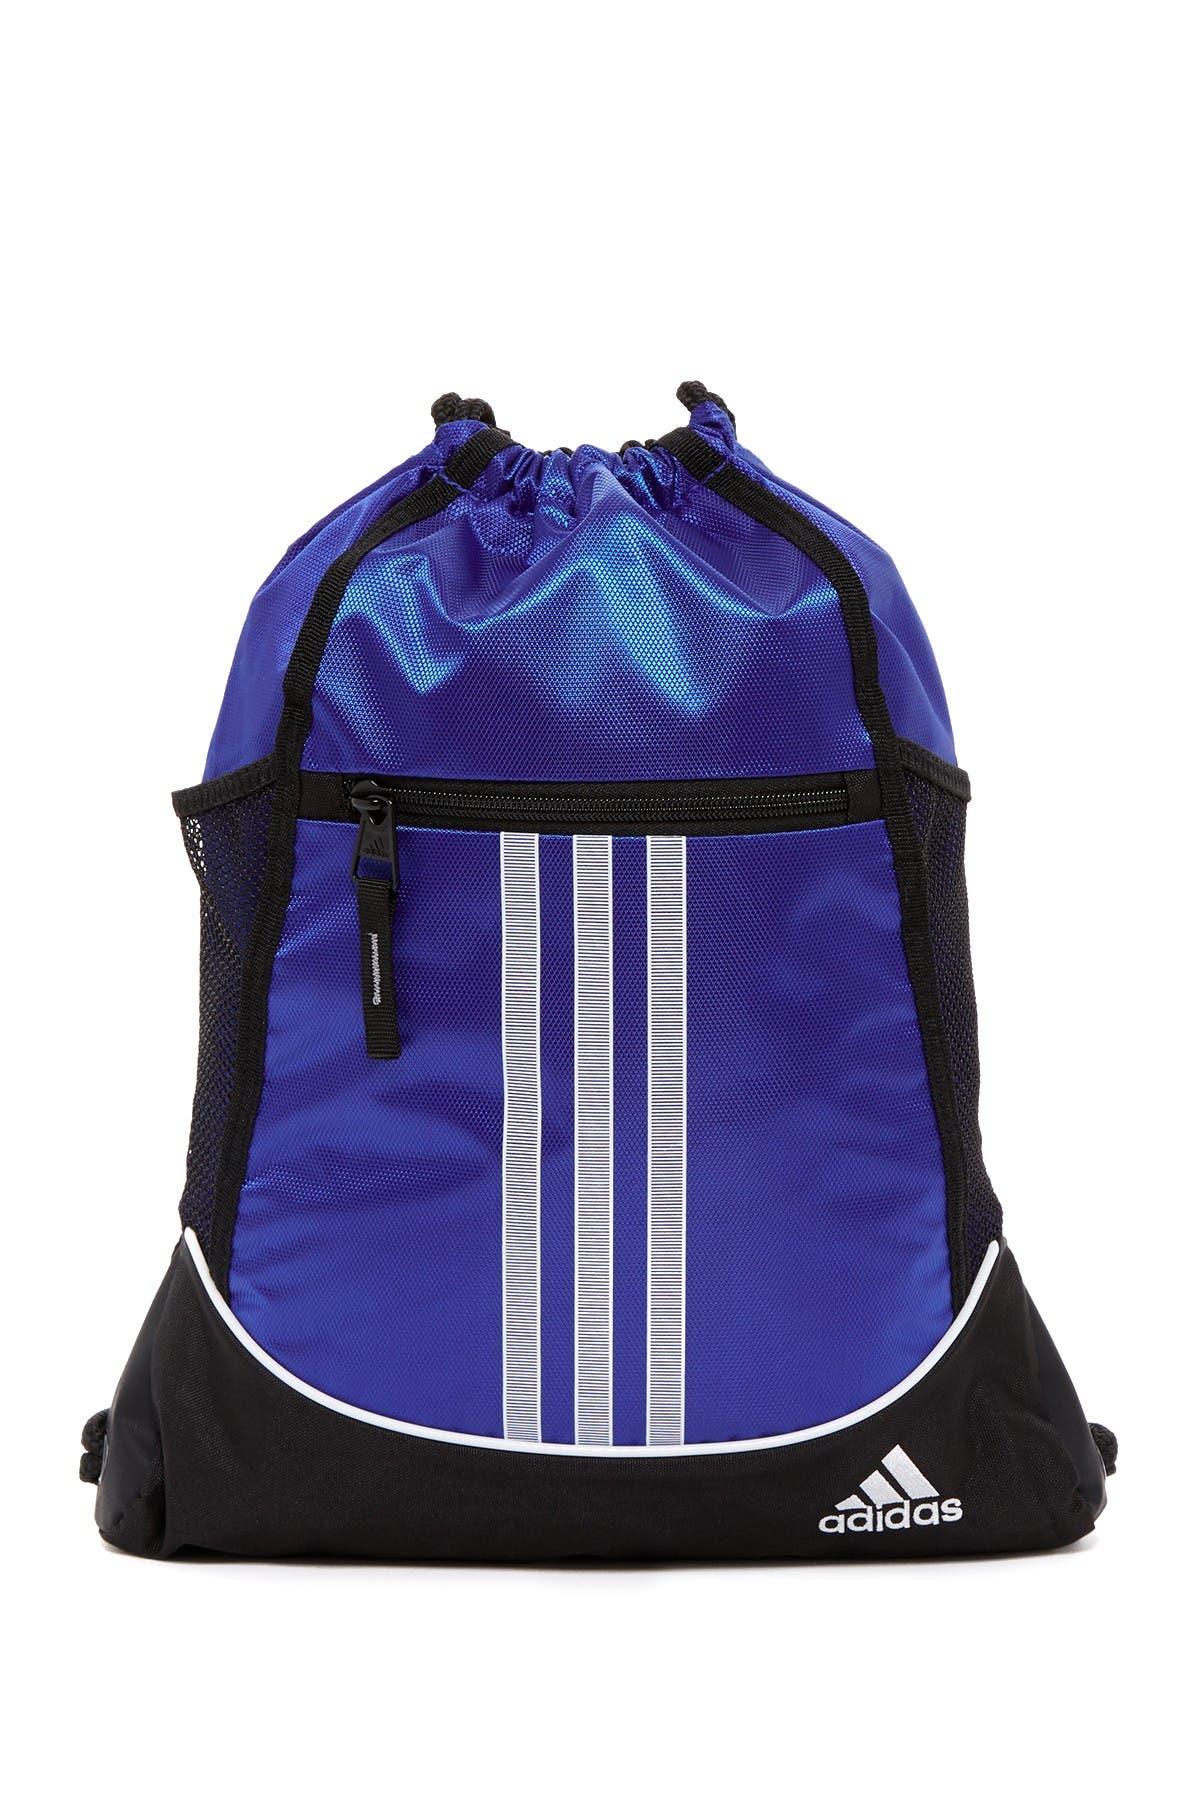 Image of adidas Alliance II Sackpack